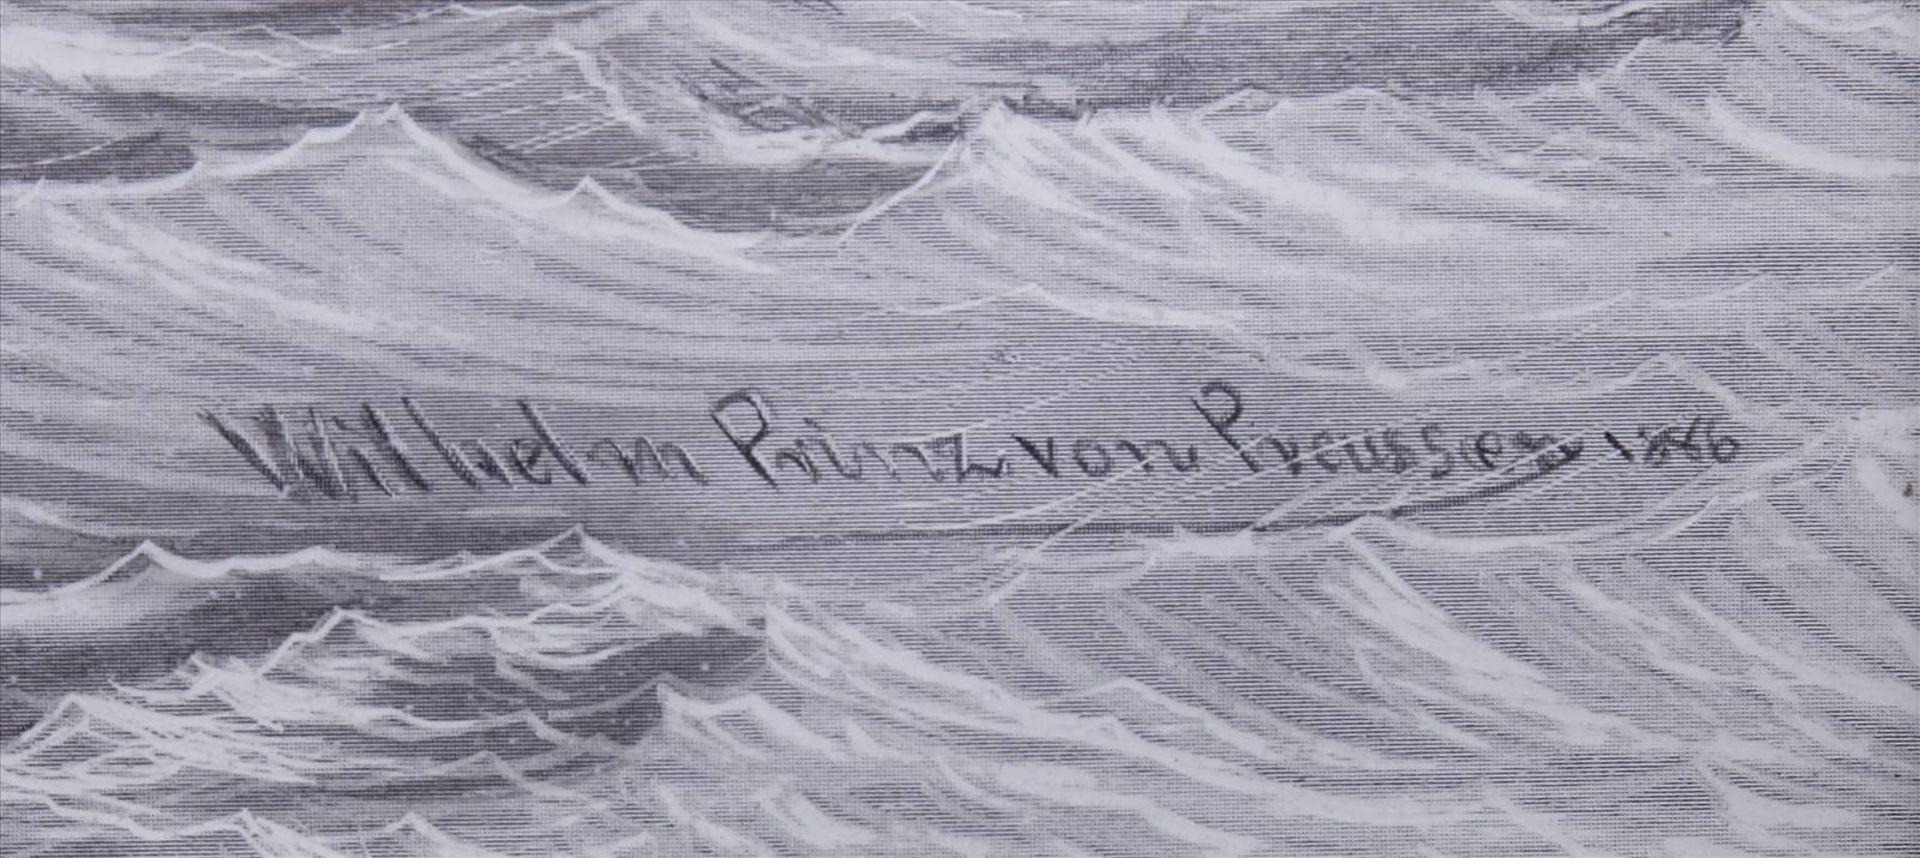 Wilhelm Prinz von Preußen, Kriegsschiffe der MarineDruck nach einem Gemälde, 1886, u.r. im Blatt - Bild 4 aus 6